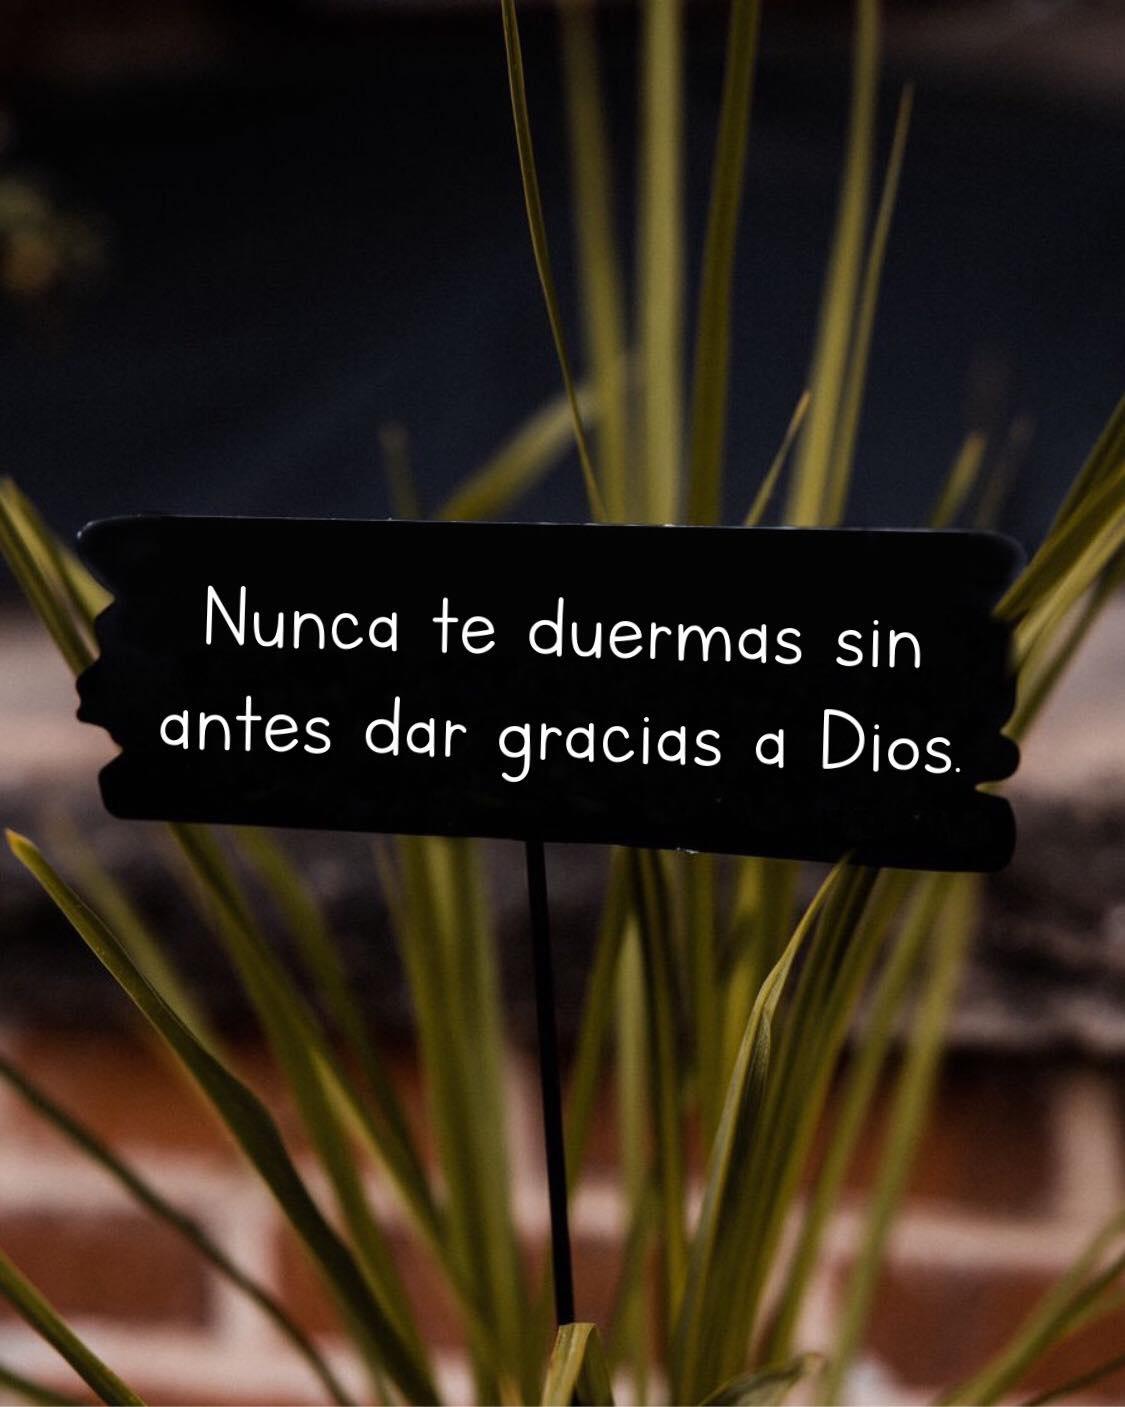 Nunca te duermas sin antes dar gracias a Dios